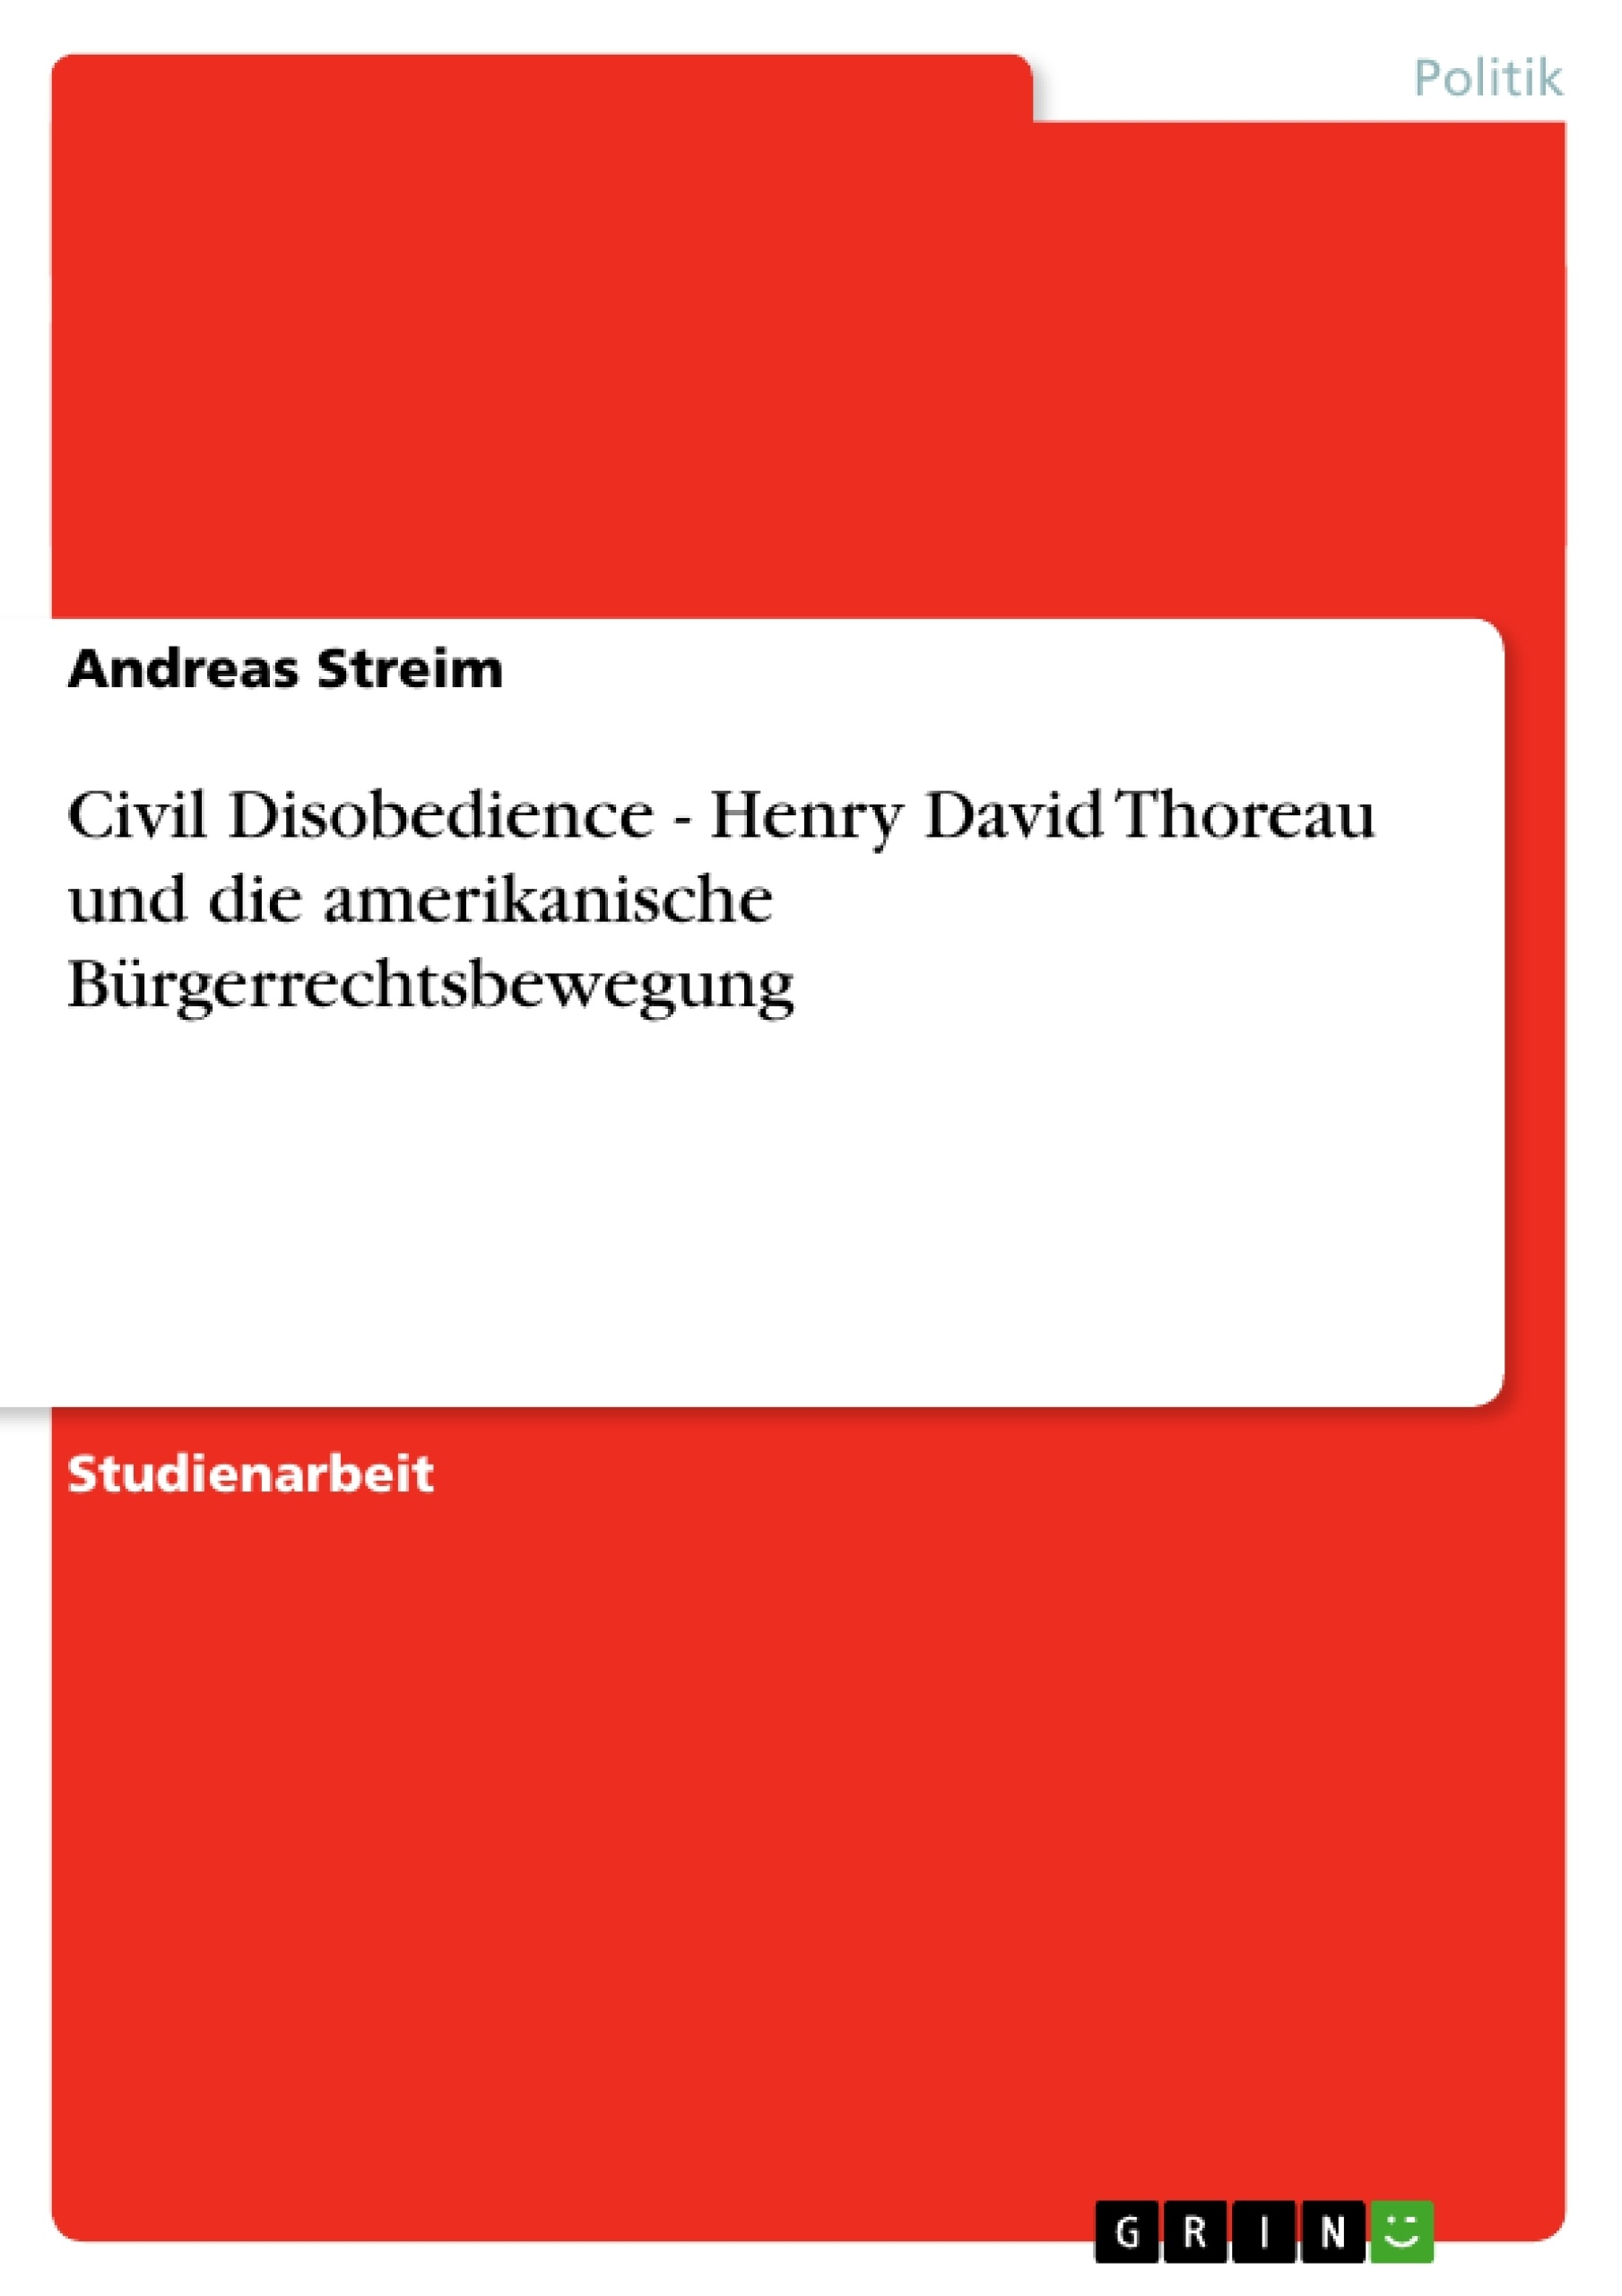 Titel: Civil Disobedience - Henry David Thoreau und die amerikanische Bürgerrechtsbewegung